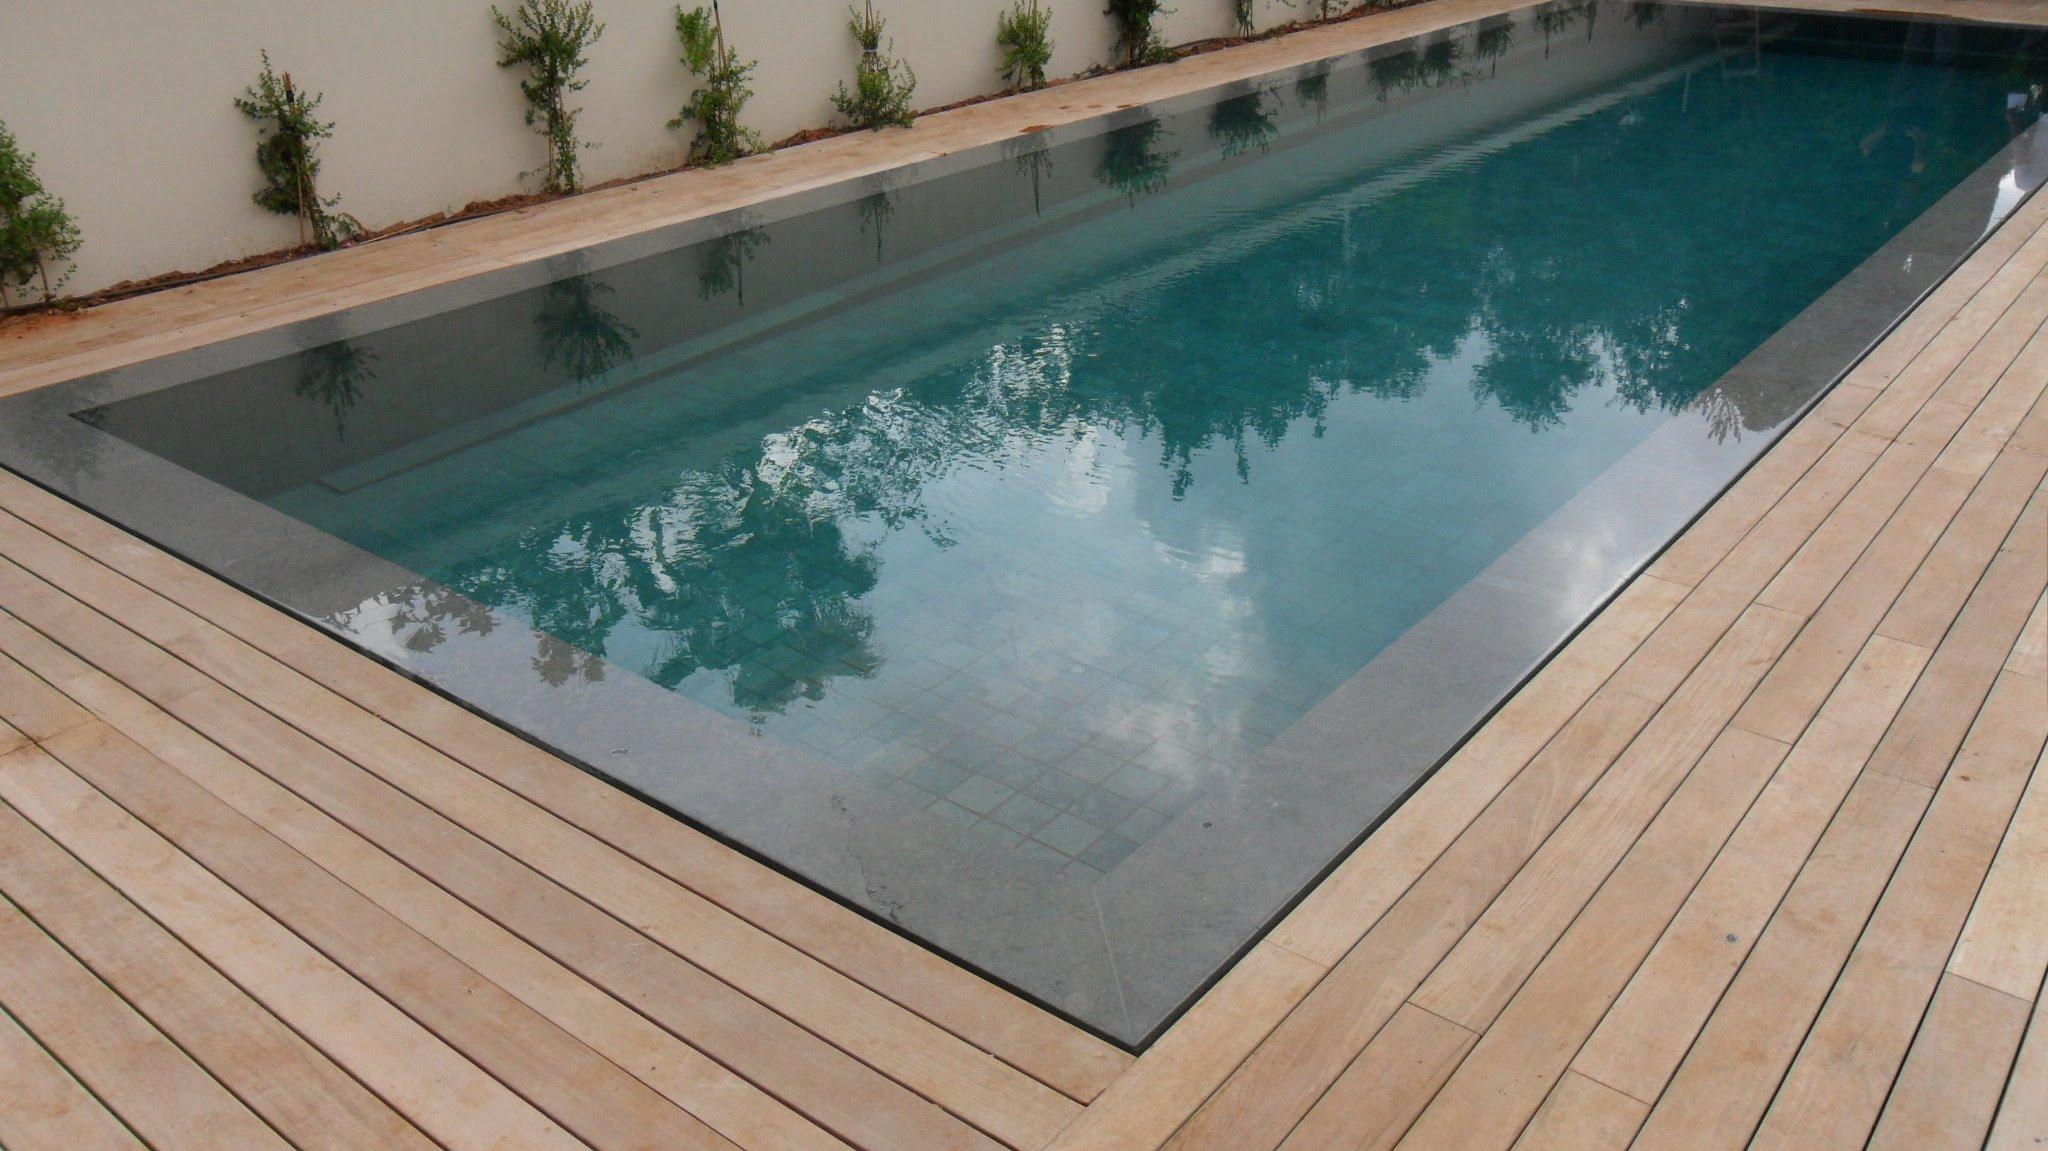 Wooden Decks Around Inground Pools Decks Ideas